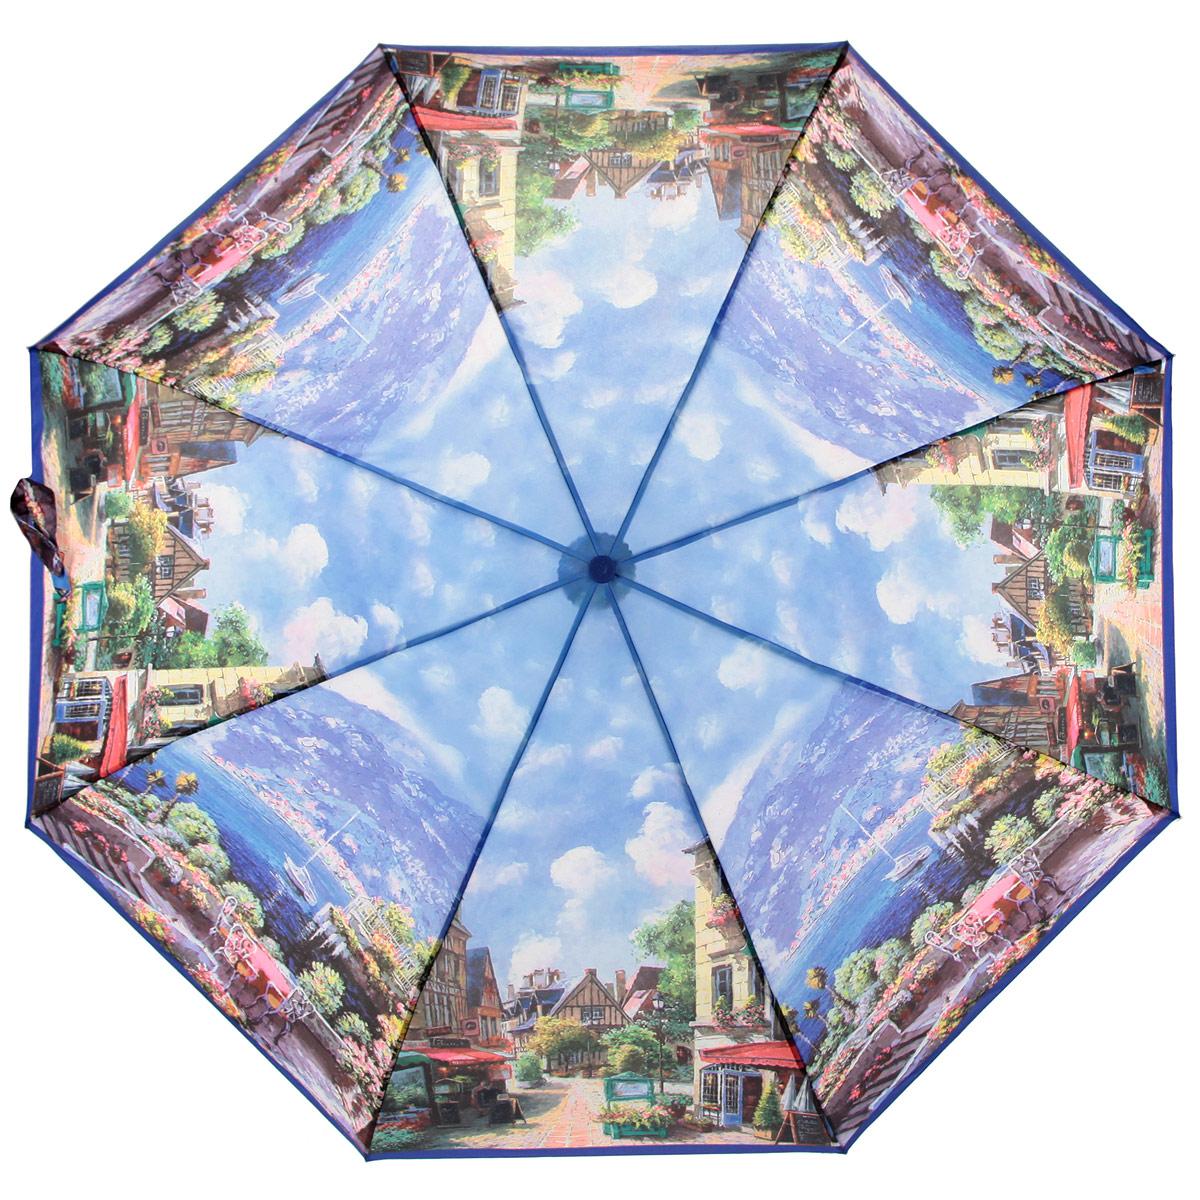 Зонт женский Zest, цвет: синий, мультицвет. 239555-03239555-03Автоматический женский зонт Zest выполнен из прочной стали с антикоррозийным покрытием, содержит восемь спиц из фибергласса, устойчивых к выгибанию. Зонт оформлен сублимационной печатью, с высоким качеством изображения. Изделие оснащено полностью автоматическим механизмом. Предусмотрена комфортная прорезиненная ручка и чехол для хранения изделия. Стильный автоматический Zest даже в ненастную погоду позволит вам оставаться элегантной.